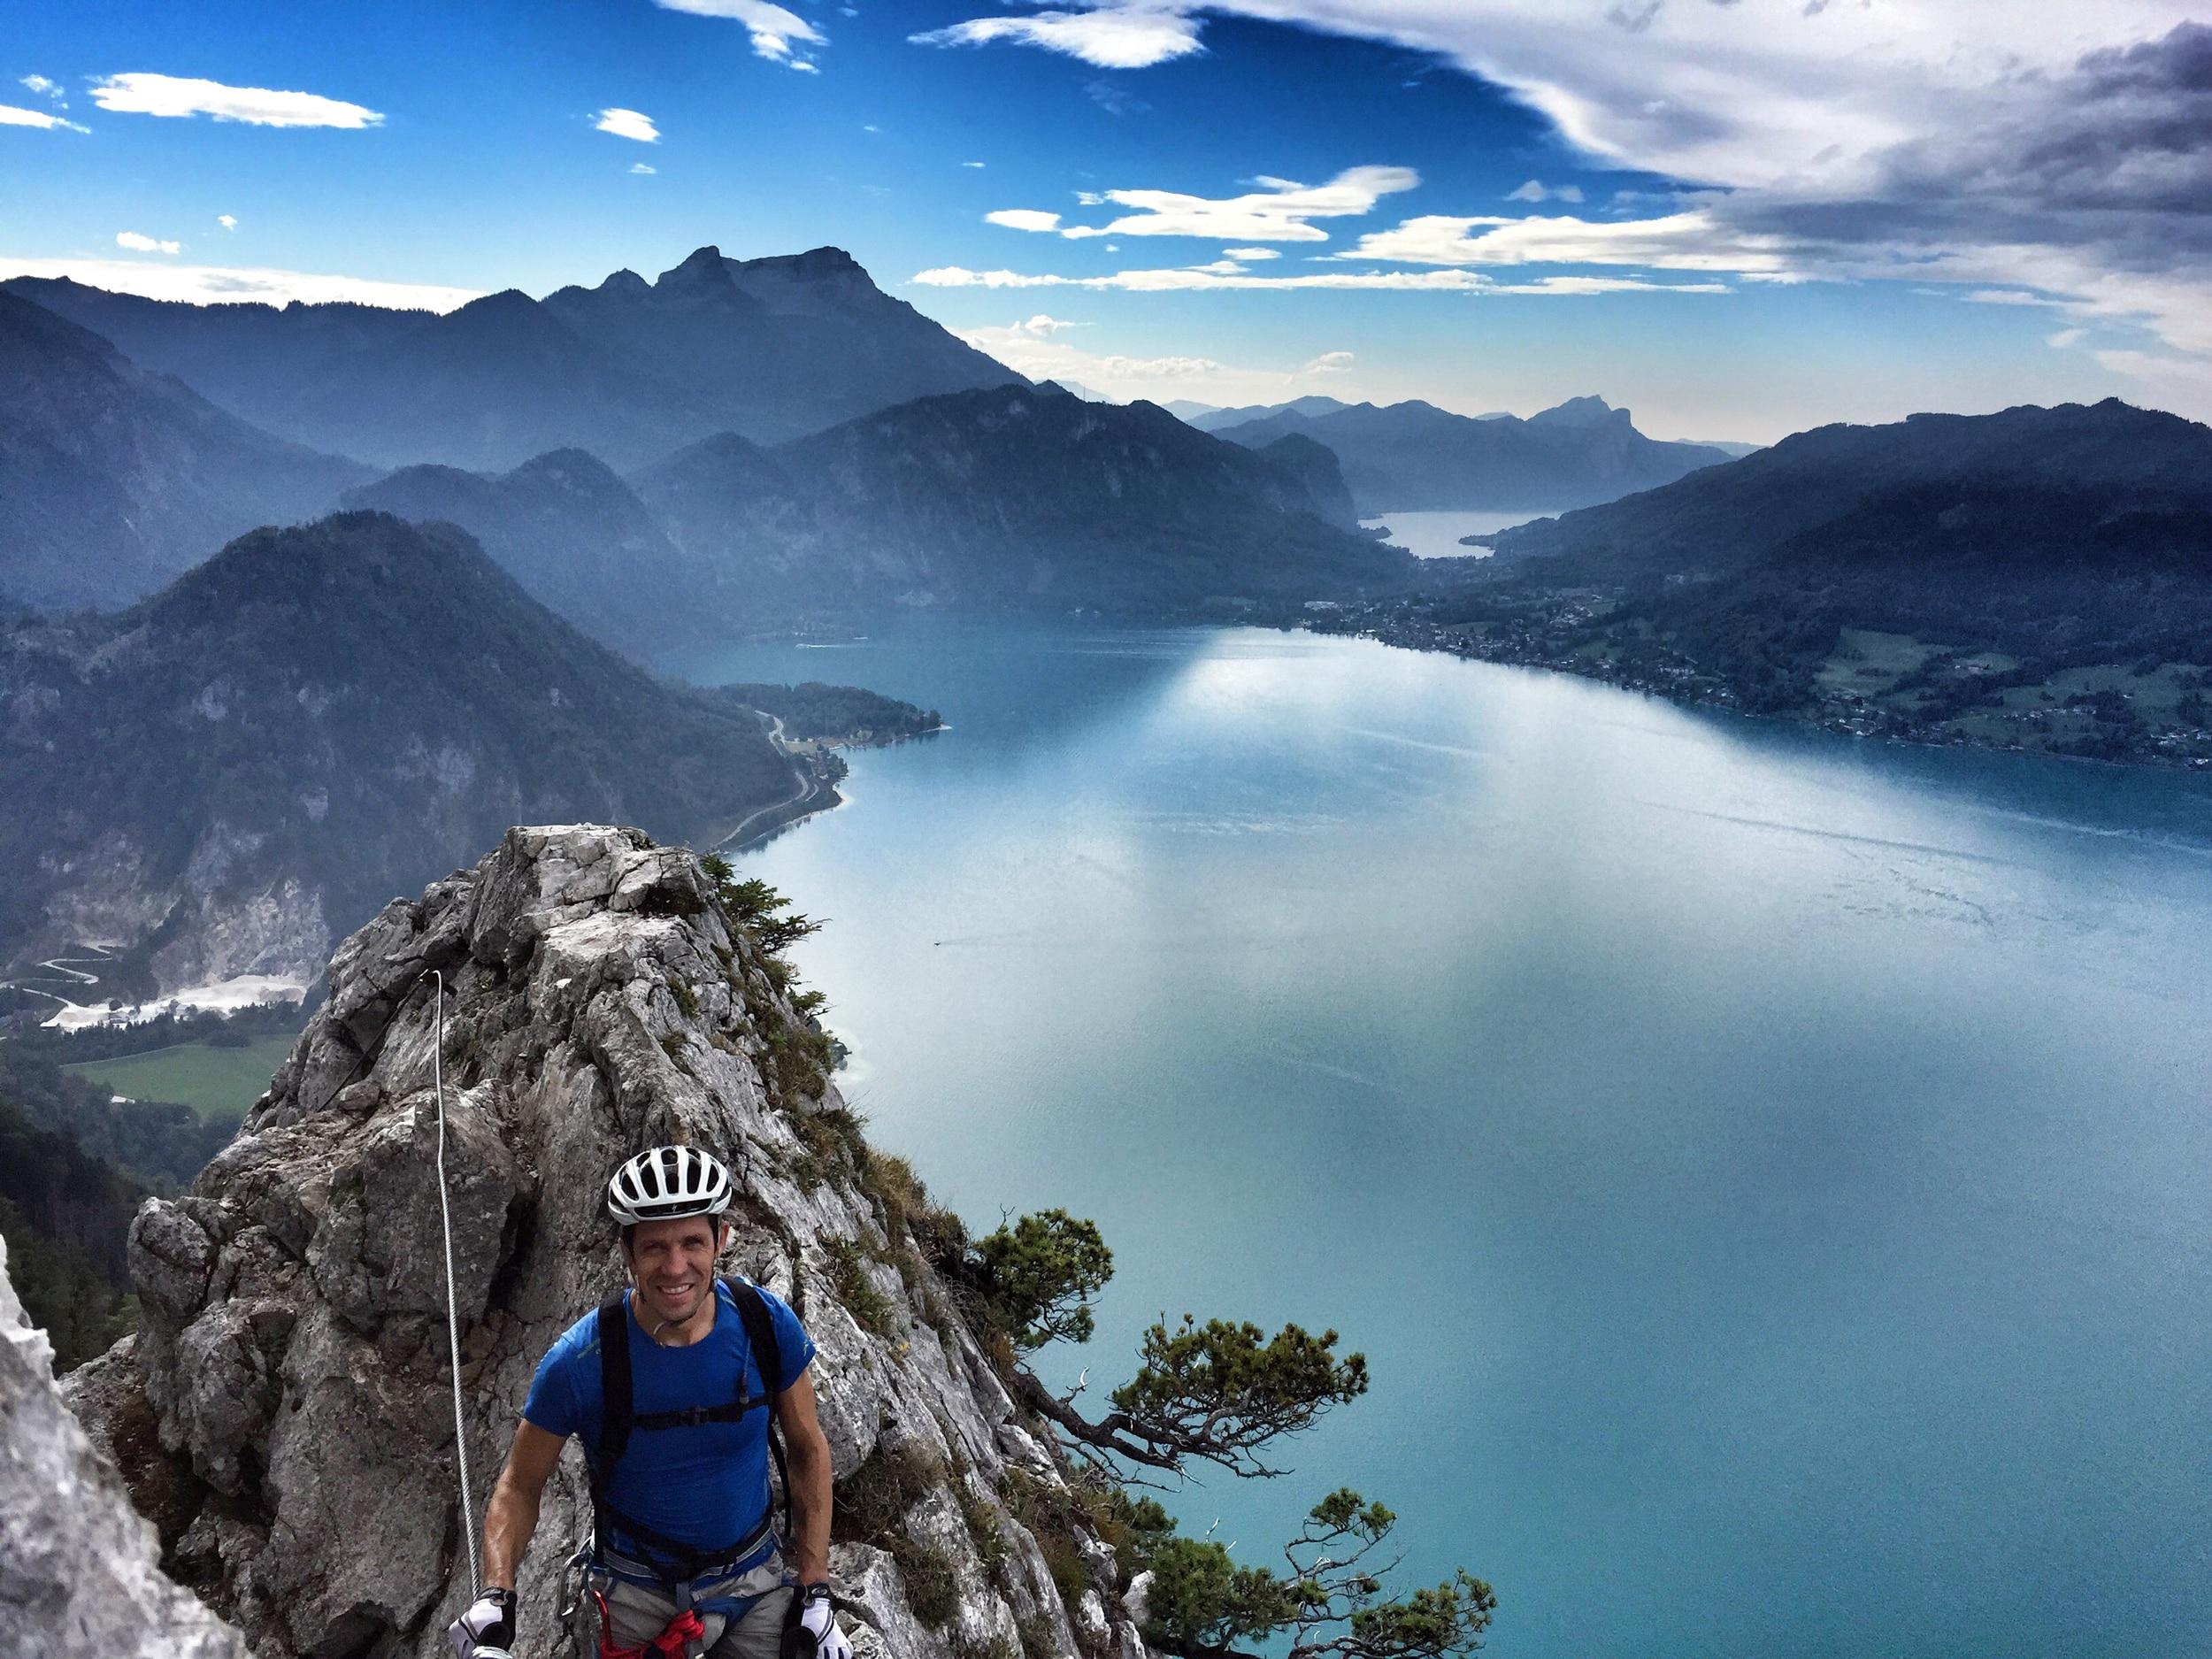 Klettersteig österreich : Top klettersteige in tirol bergzeit magazin